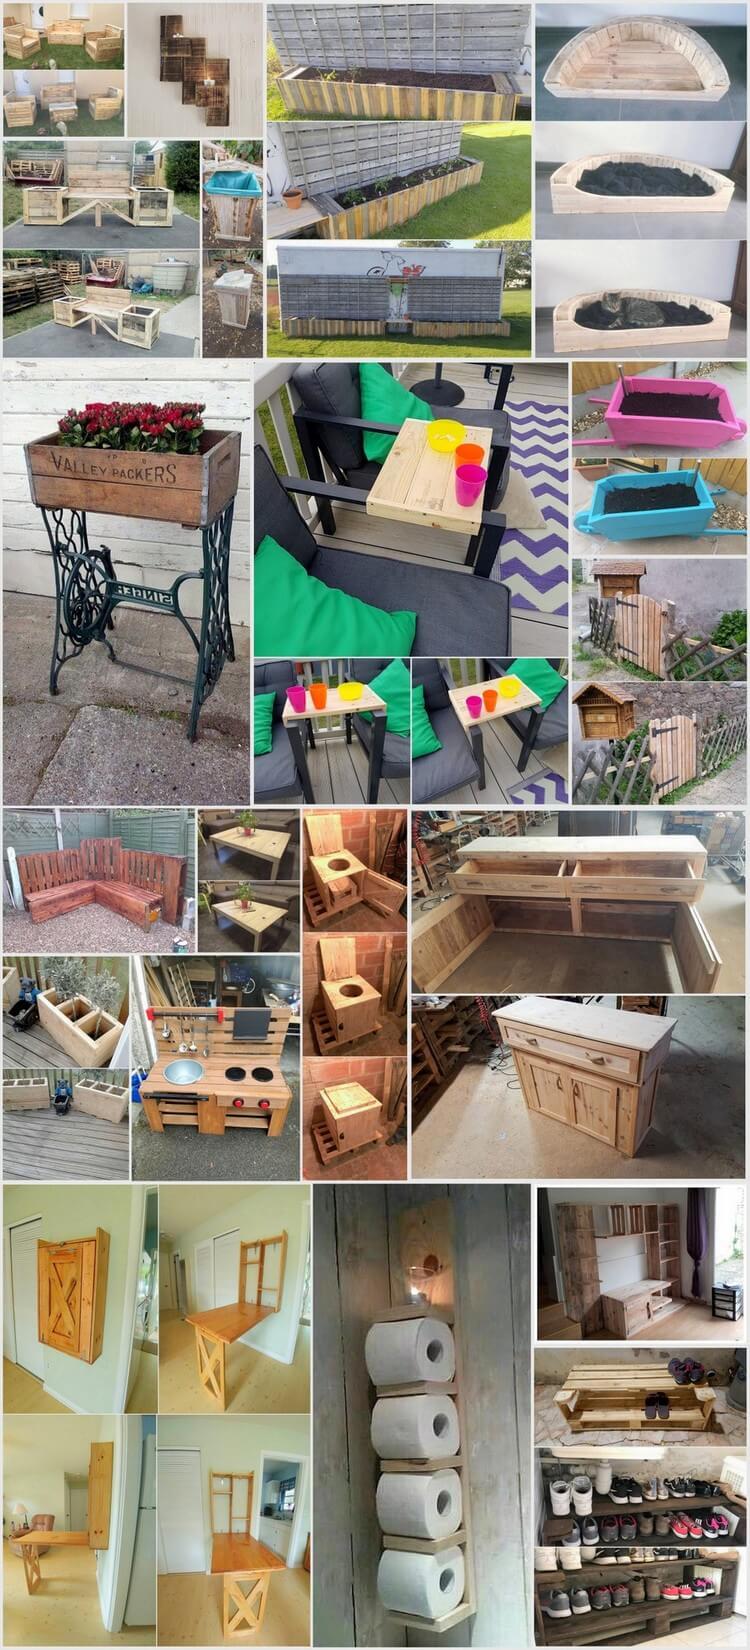 Low Budget-Leistungen mit alten Holzpaletten - DIY ideen 2018